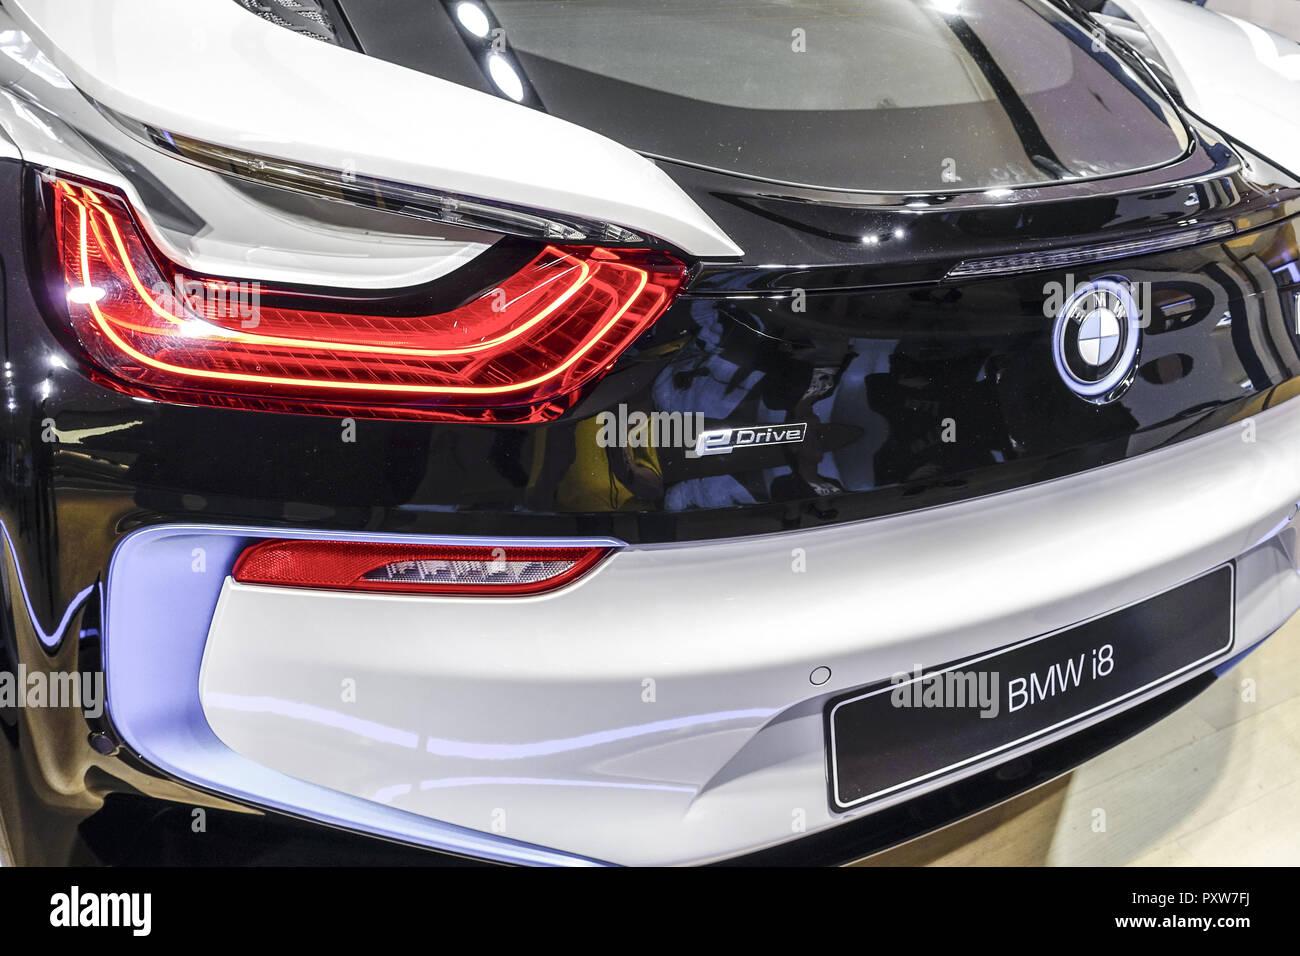 Moderner Luxus Sportwagen mit Plug-in-Hybridsystem, BMW i8 (www.allover.cc/TPH) - Stock Image